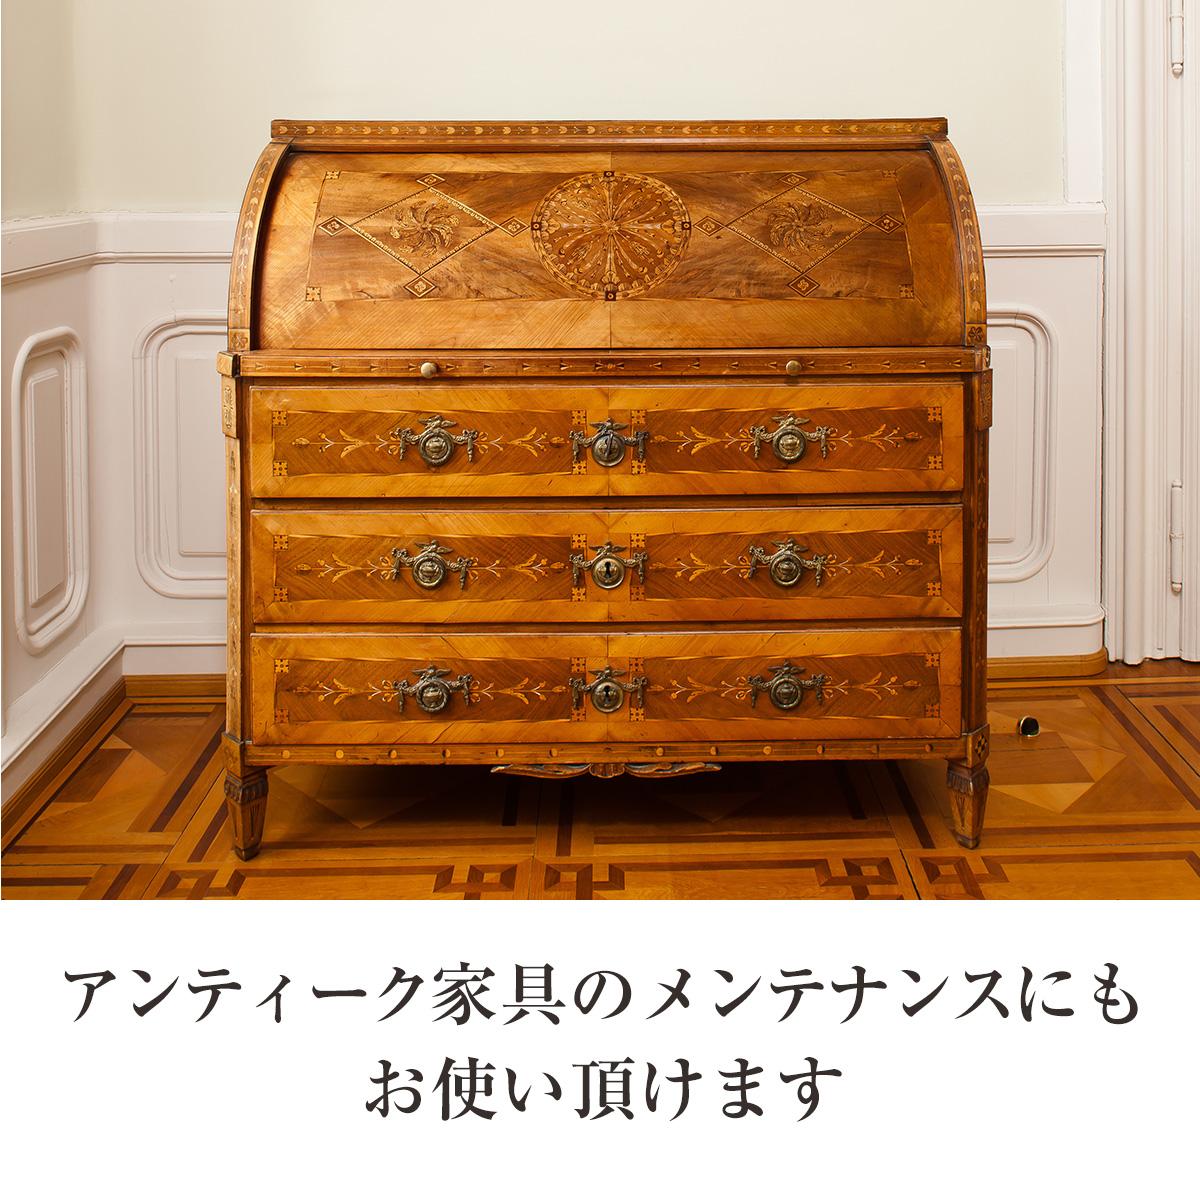 アンティーク家具のメンテナンスにもお使い頂けます